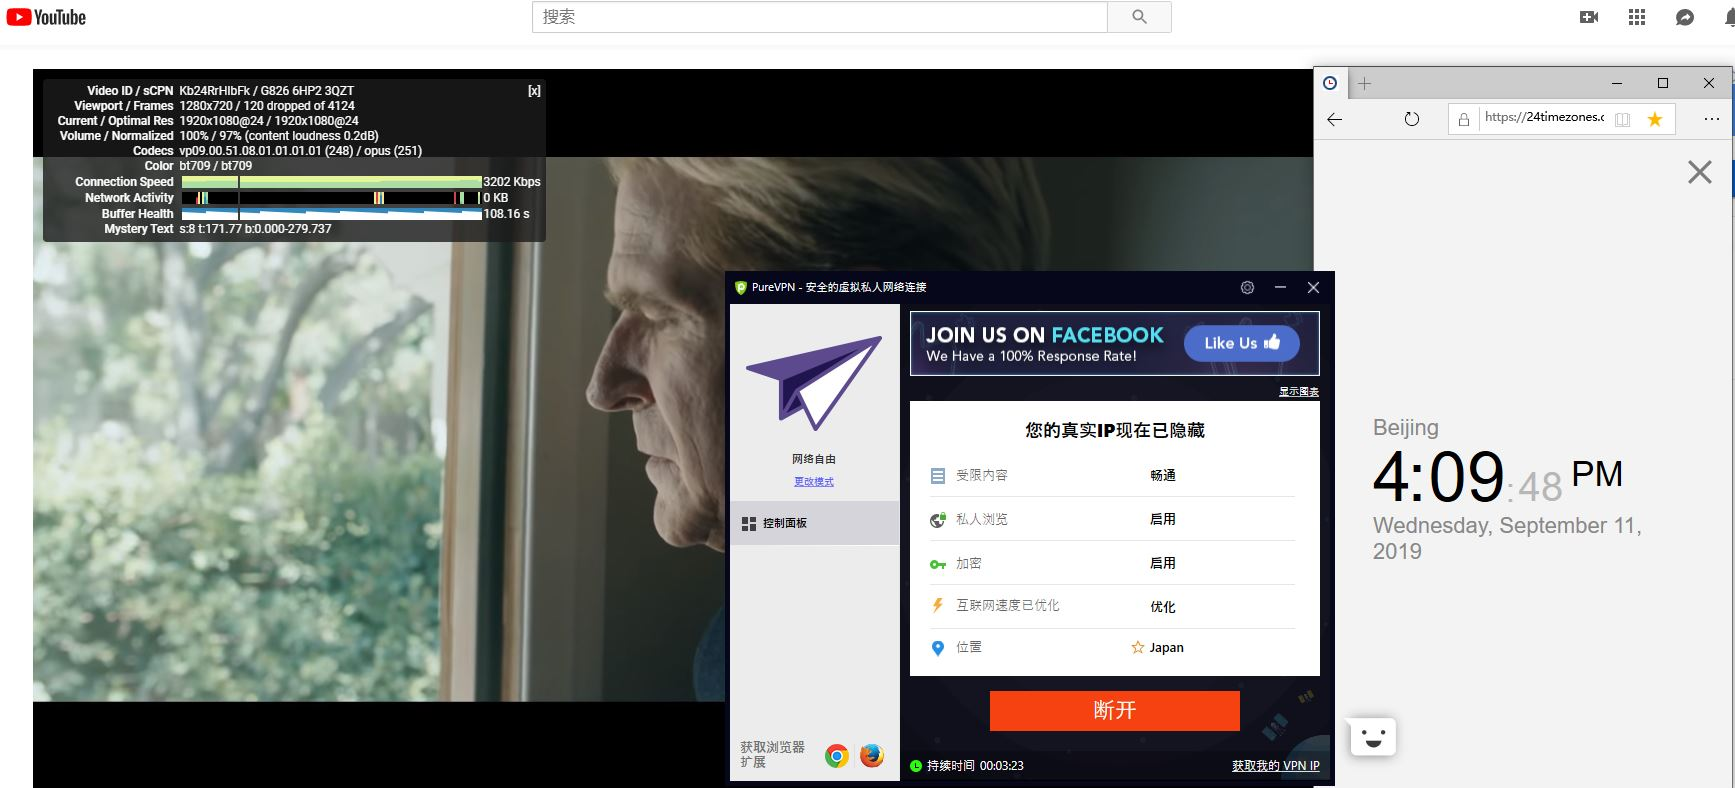 windows pureVPN 日本服务器 中国VPN翻墙 科学上网 YouTube速度测试-2-20190911